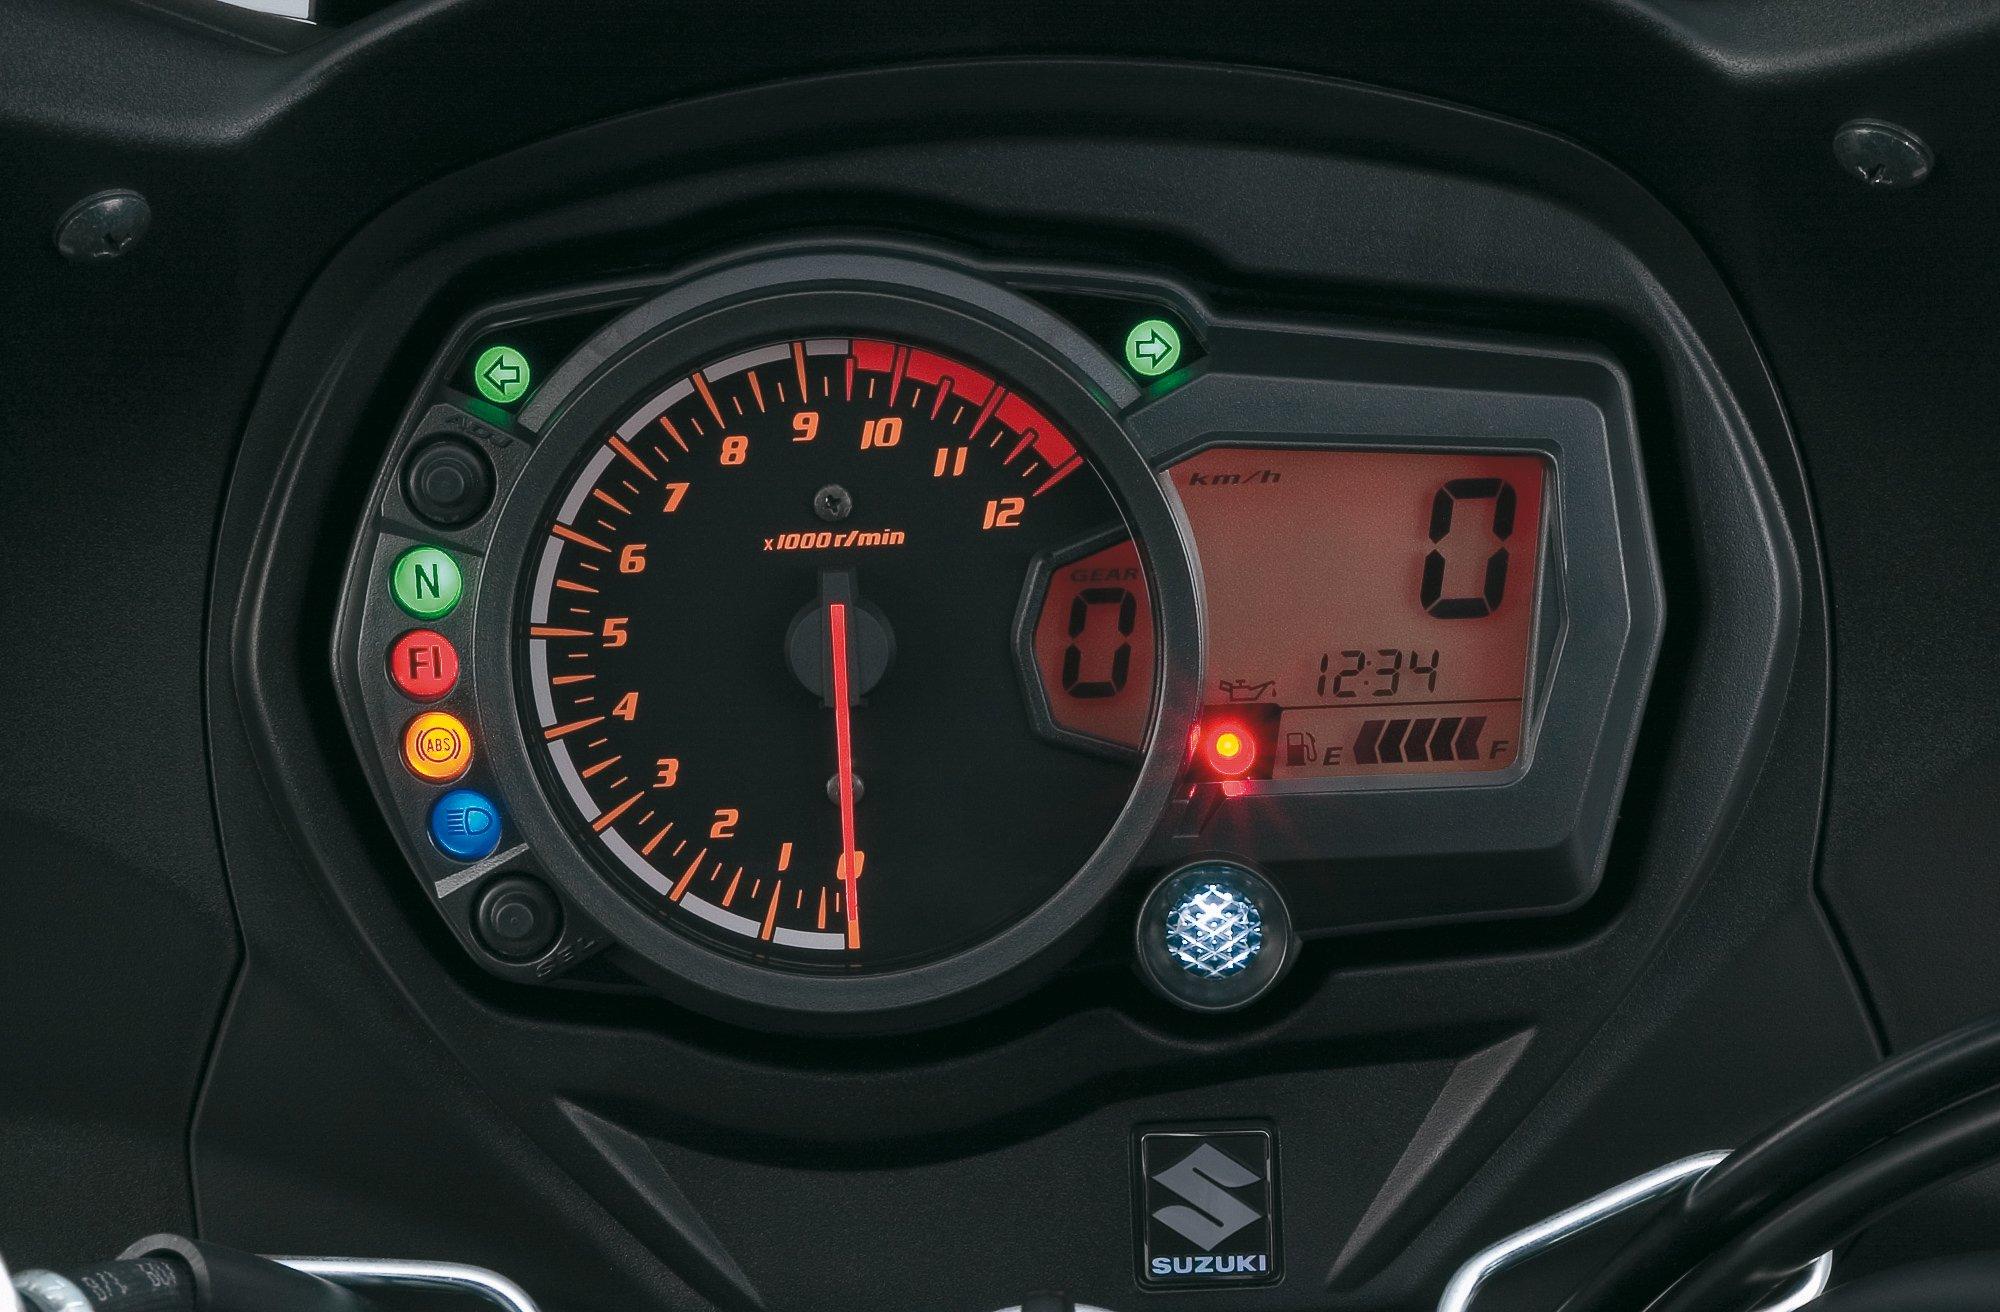 Suzuki Drz 125 >> Gebrauchte und neue Suzuki GSX 1250 F Motorräder kaufen